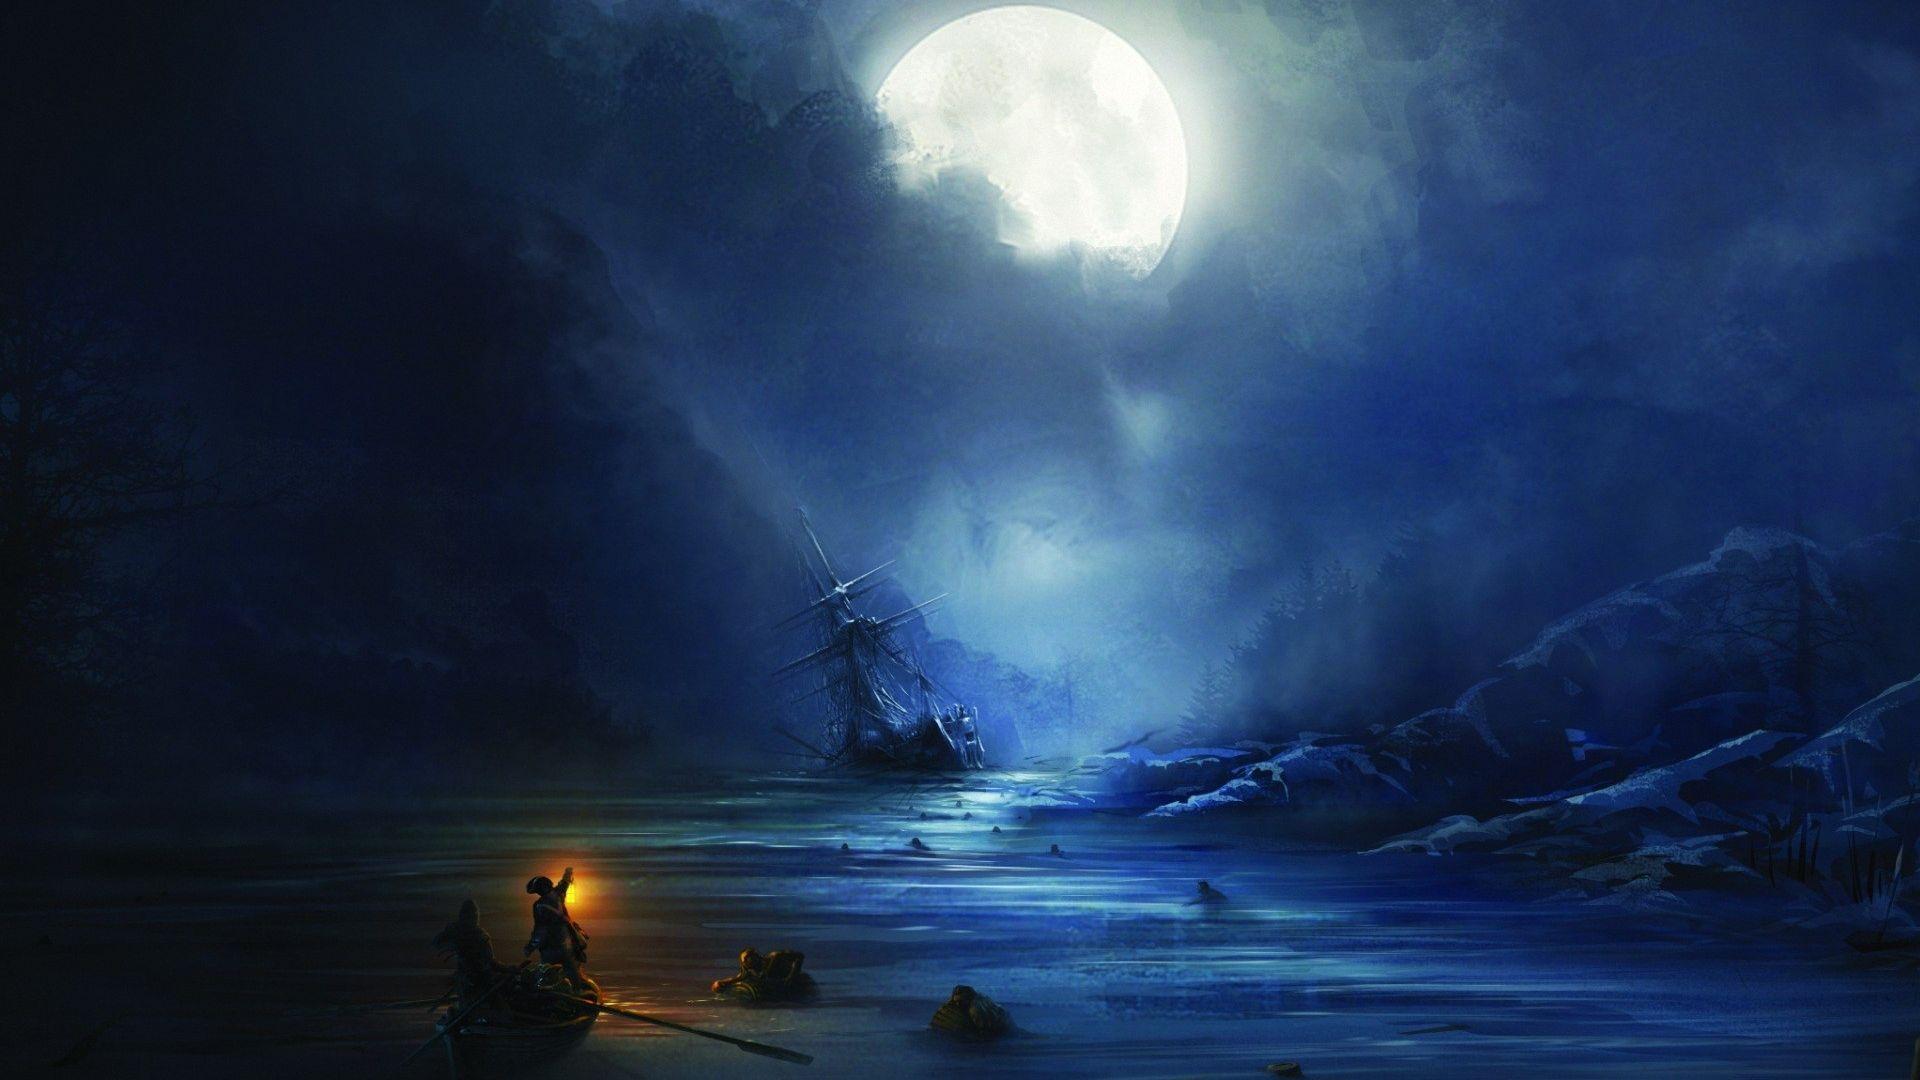 desktop wallpaper boat night